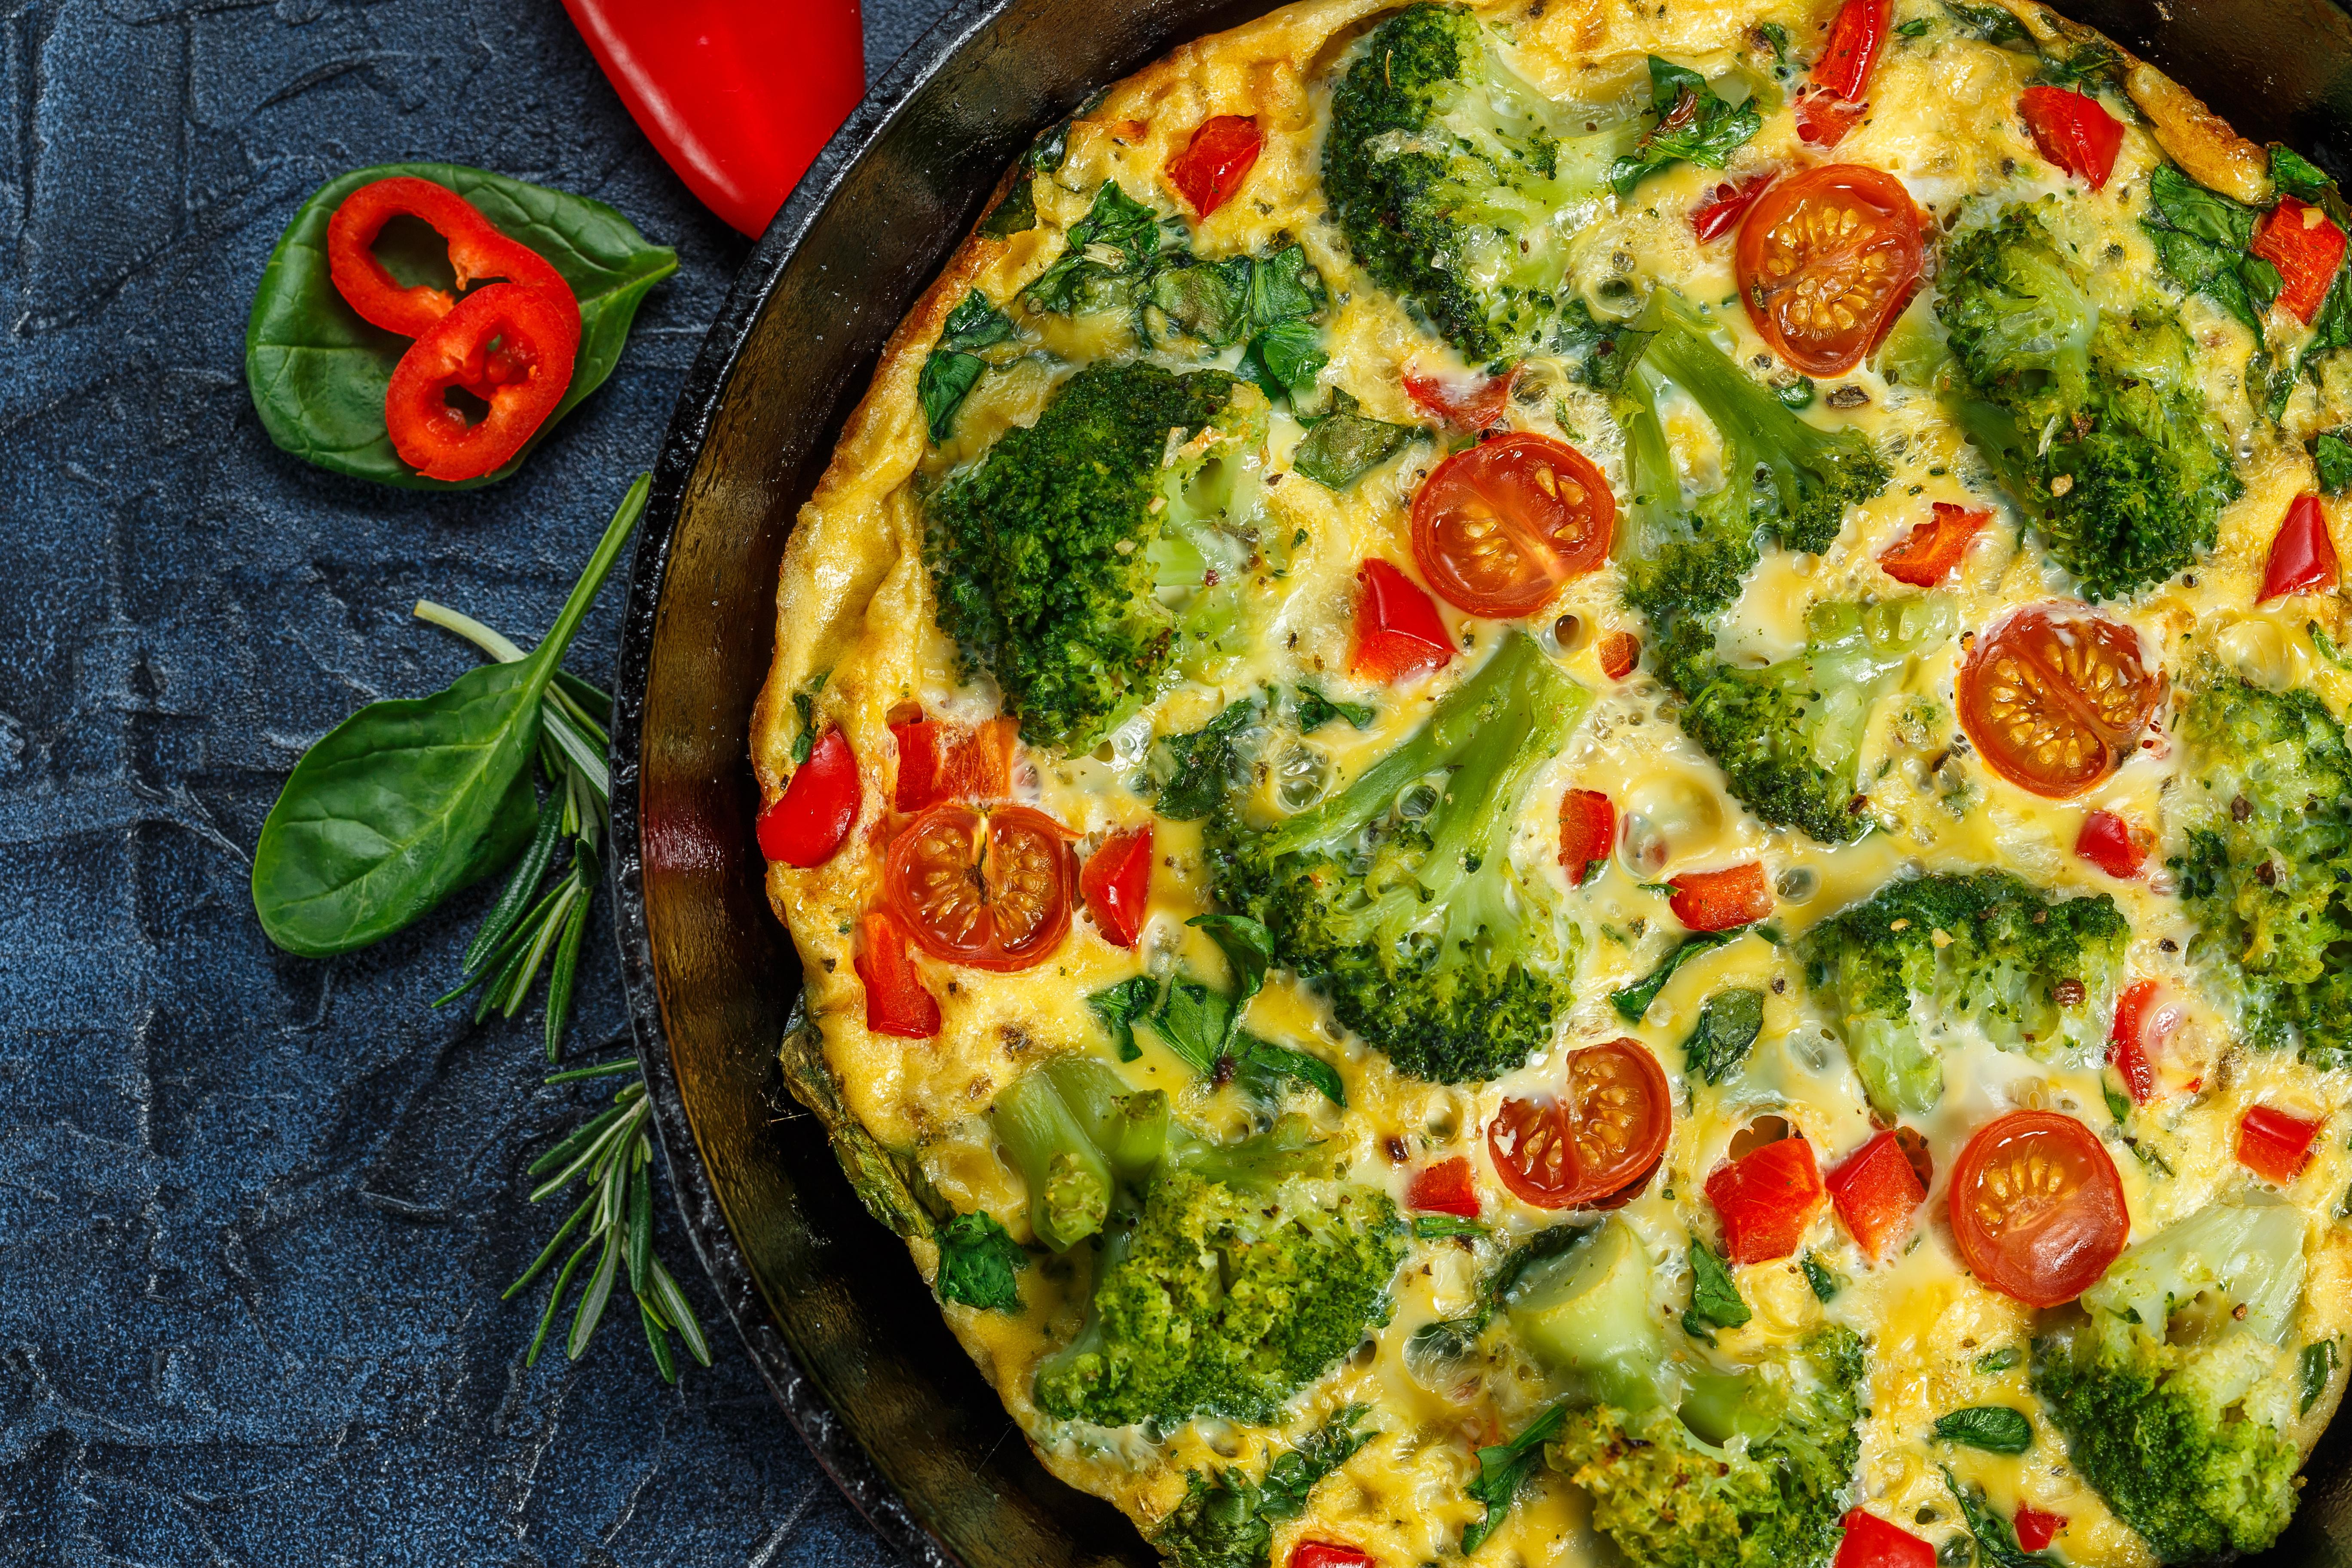 pco diéta menű fogyókúrás tízórai ötletek